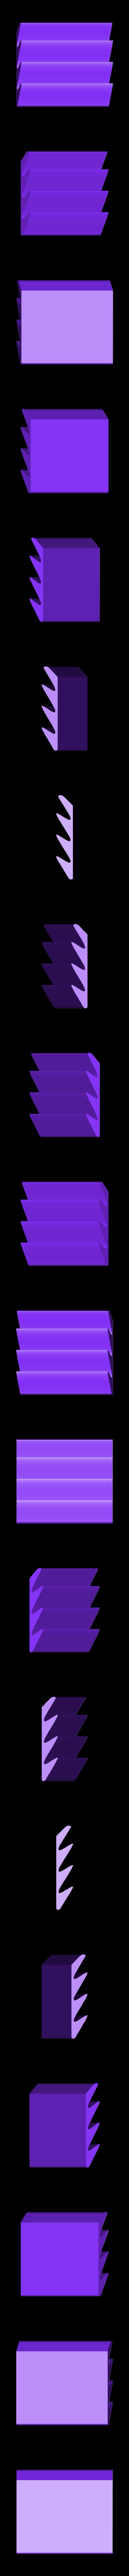 STANDARD_95mmWide_MaskPleatJig2of2_20200507.stl Télécharger fichier STL gratuit Gabarit de plissage pour masques en tissu - Covid-19 • Design pour impression 3D, tonyyoungblood